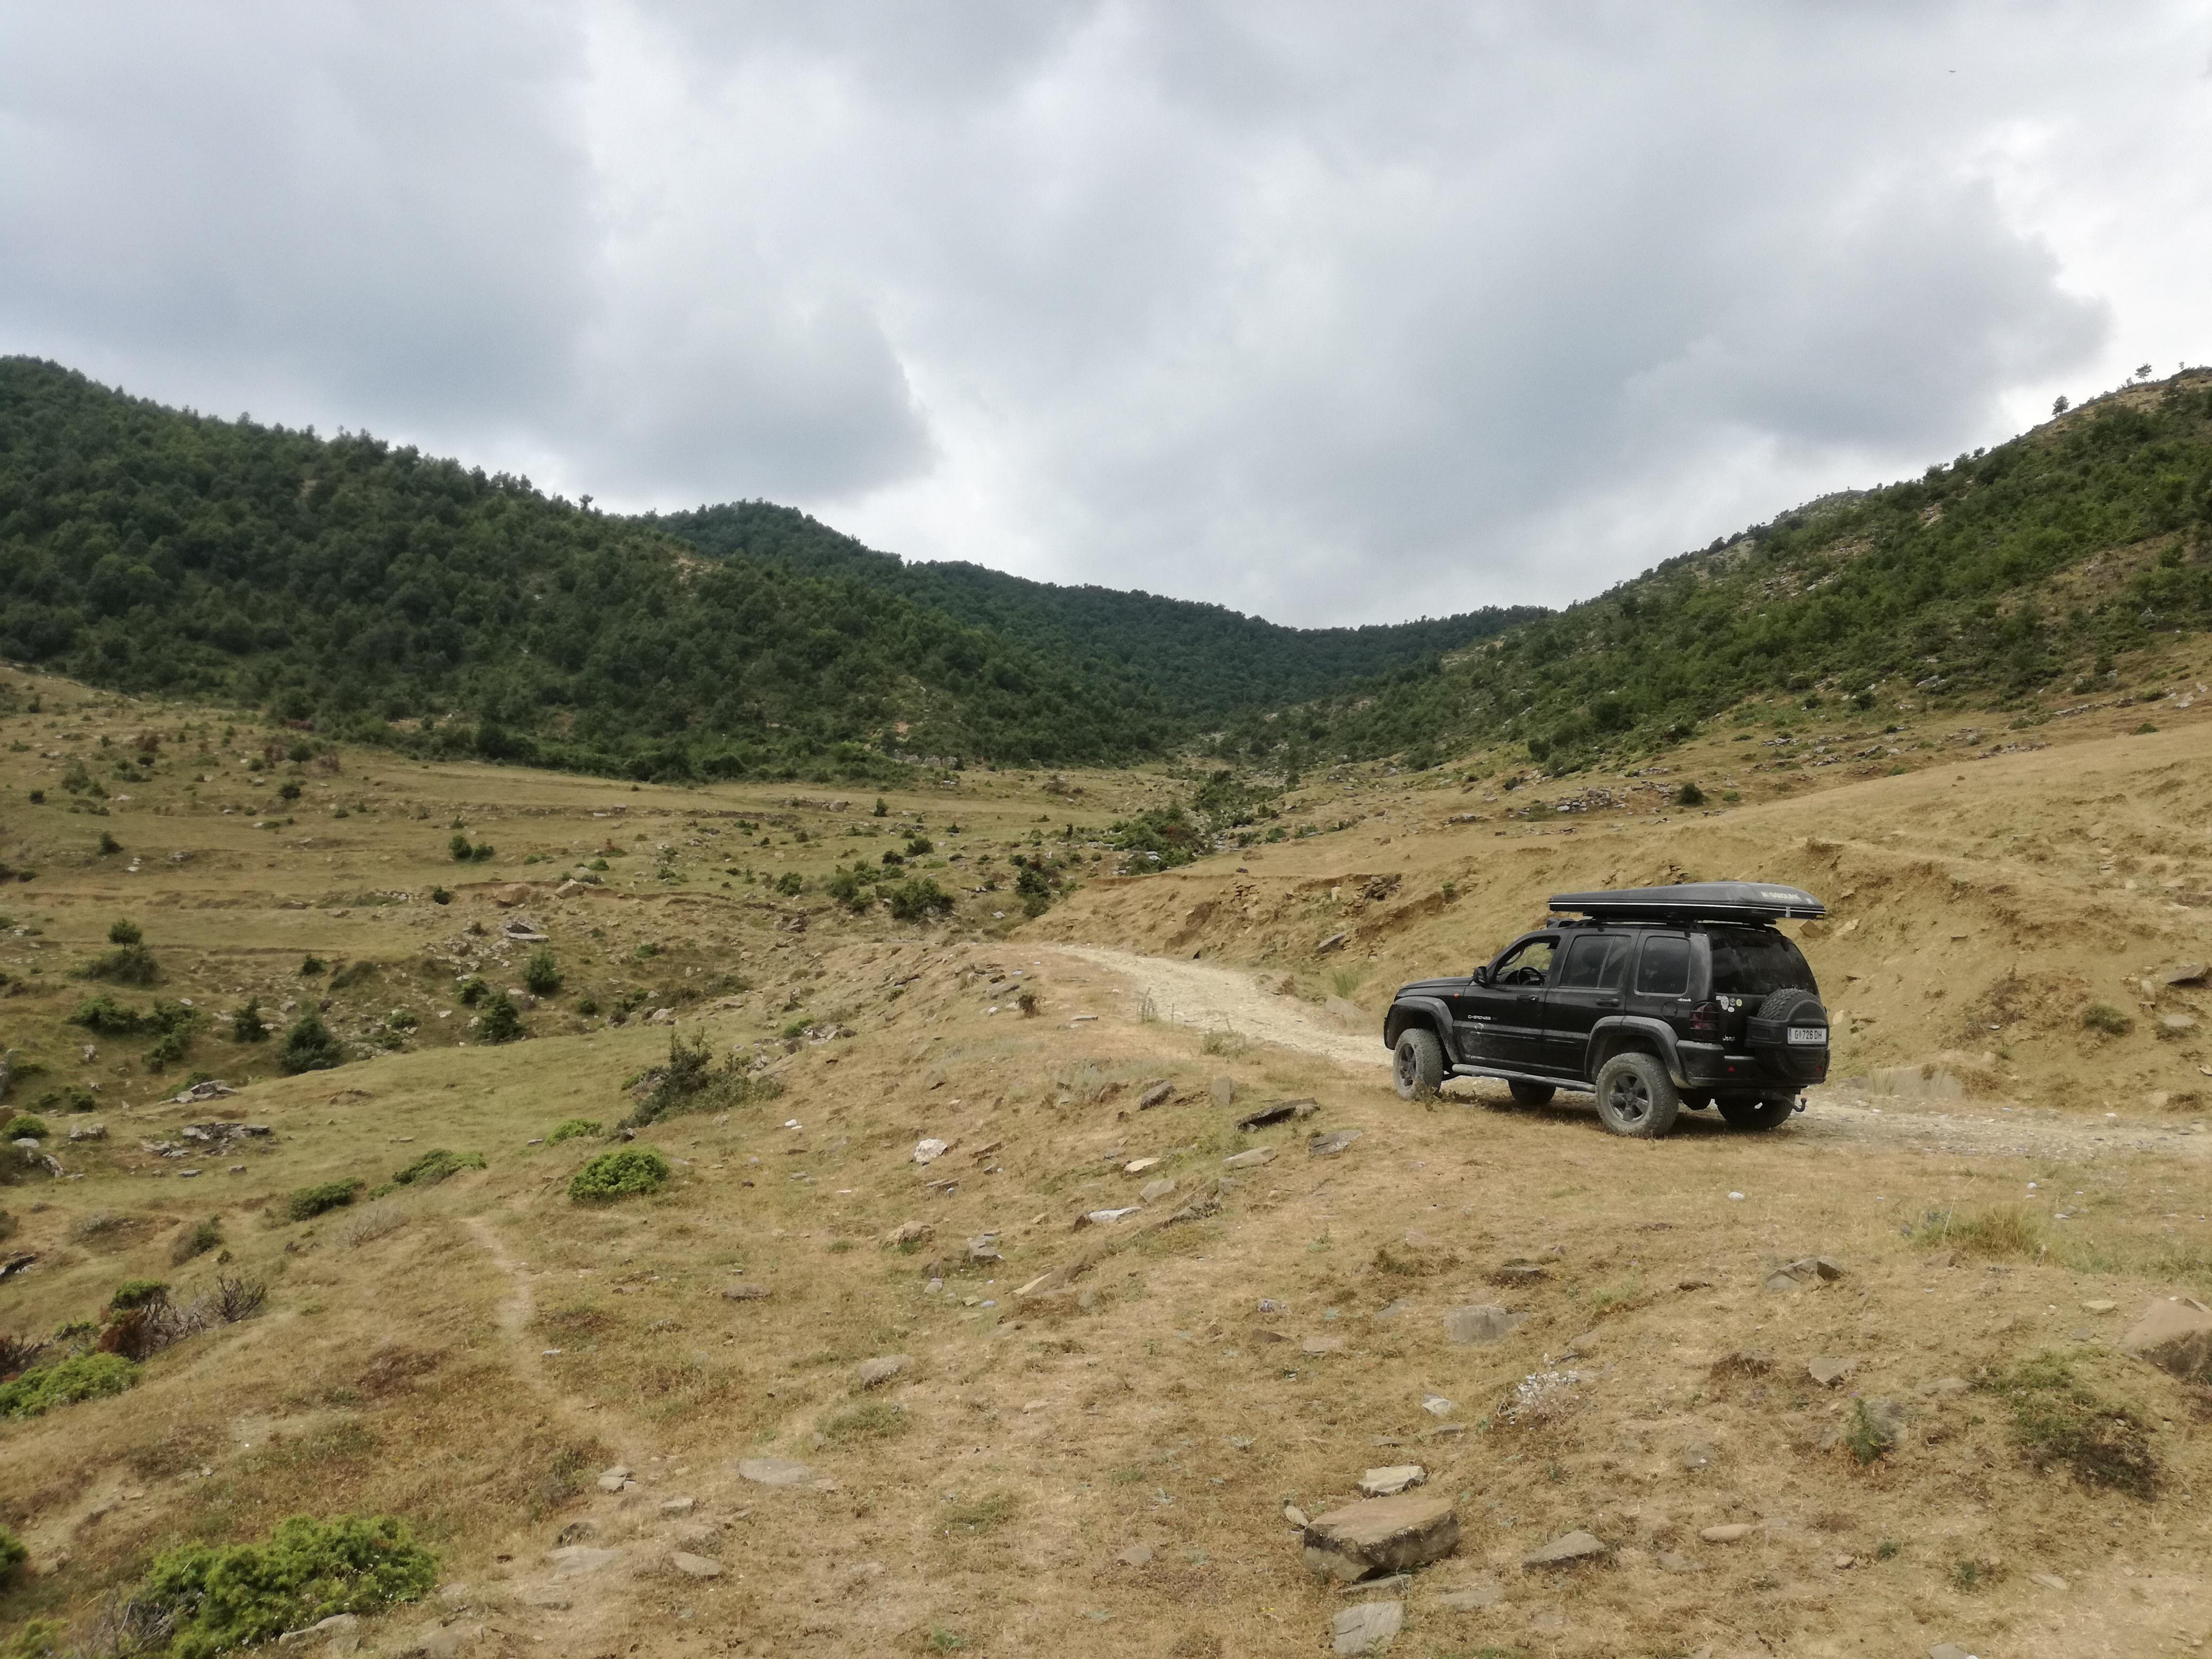 Karge Landschaft, aber großer Offroad-Fahrspaß im albanischen Hinterland